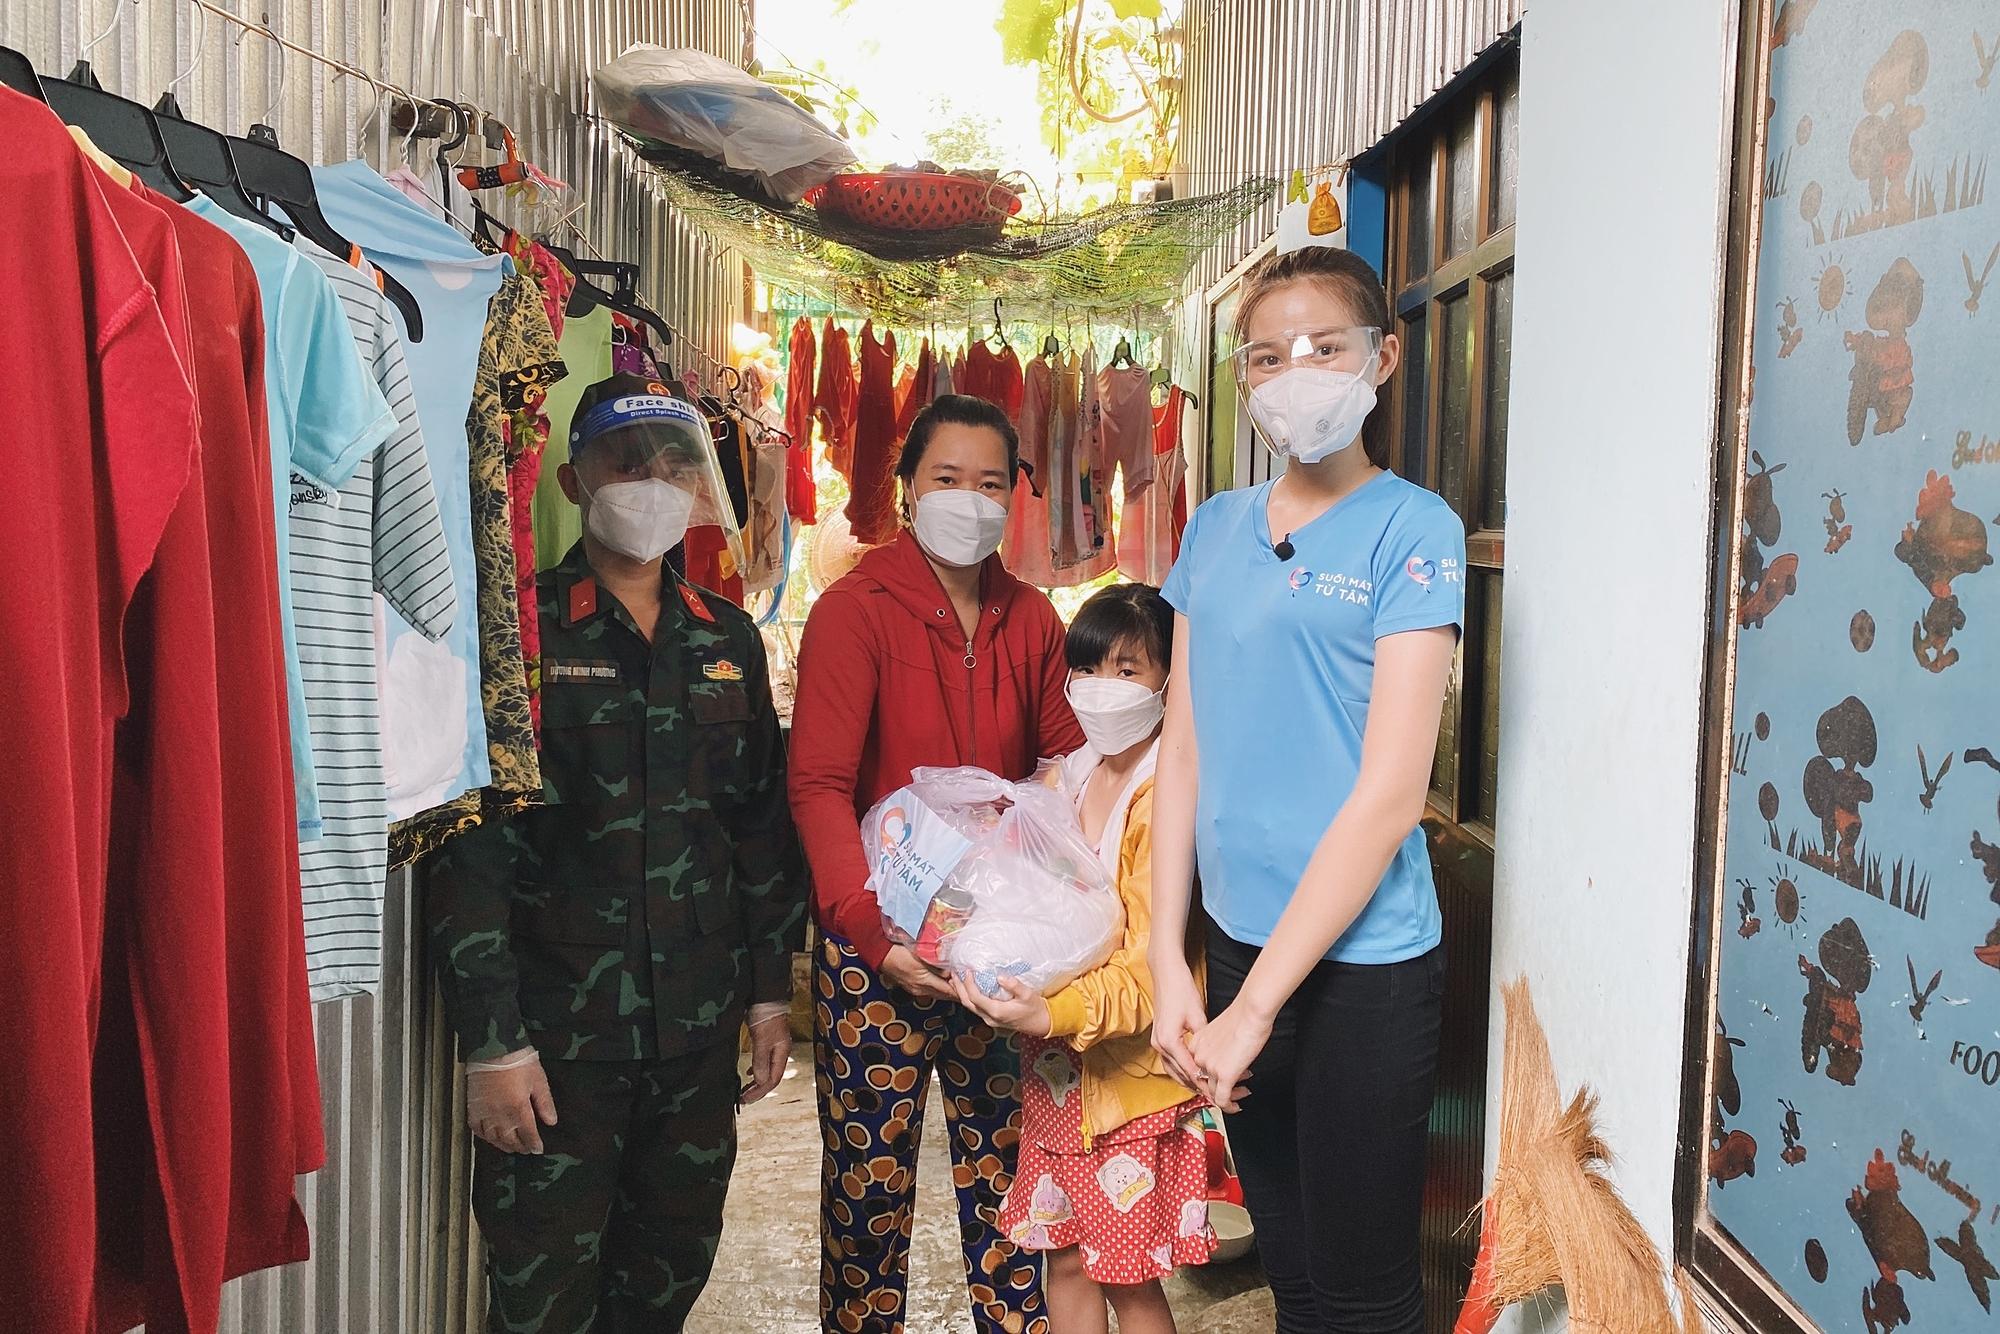 Hoa hậu Đỗ Thị Hà cứu trợ người nghèo - 4